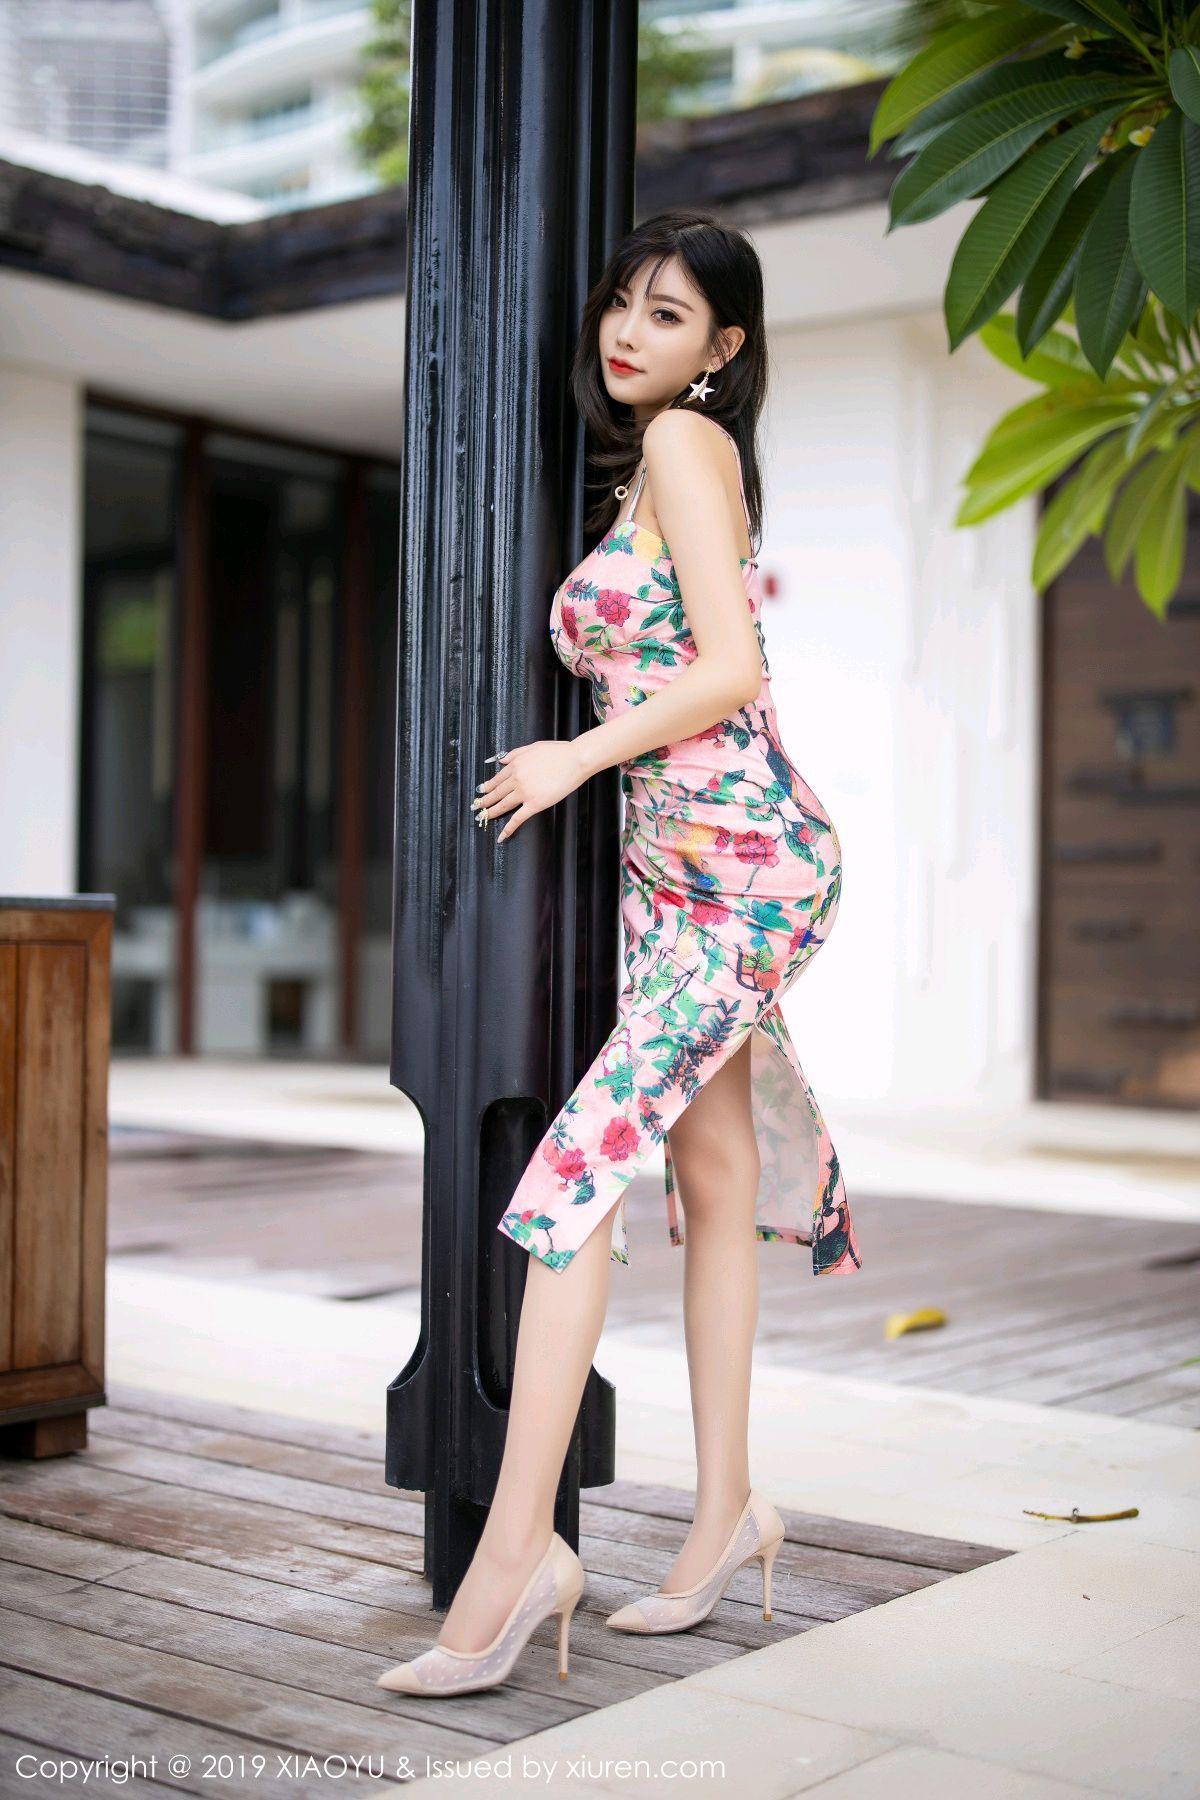 [XiaoYu] Vol.194 Yang Chen Chen 10P, Bikini, XiaoYu, Yang Chen Chen